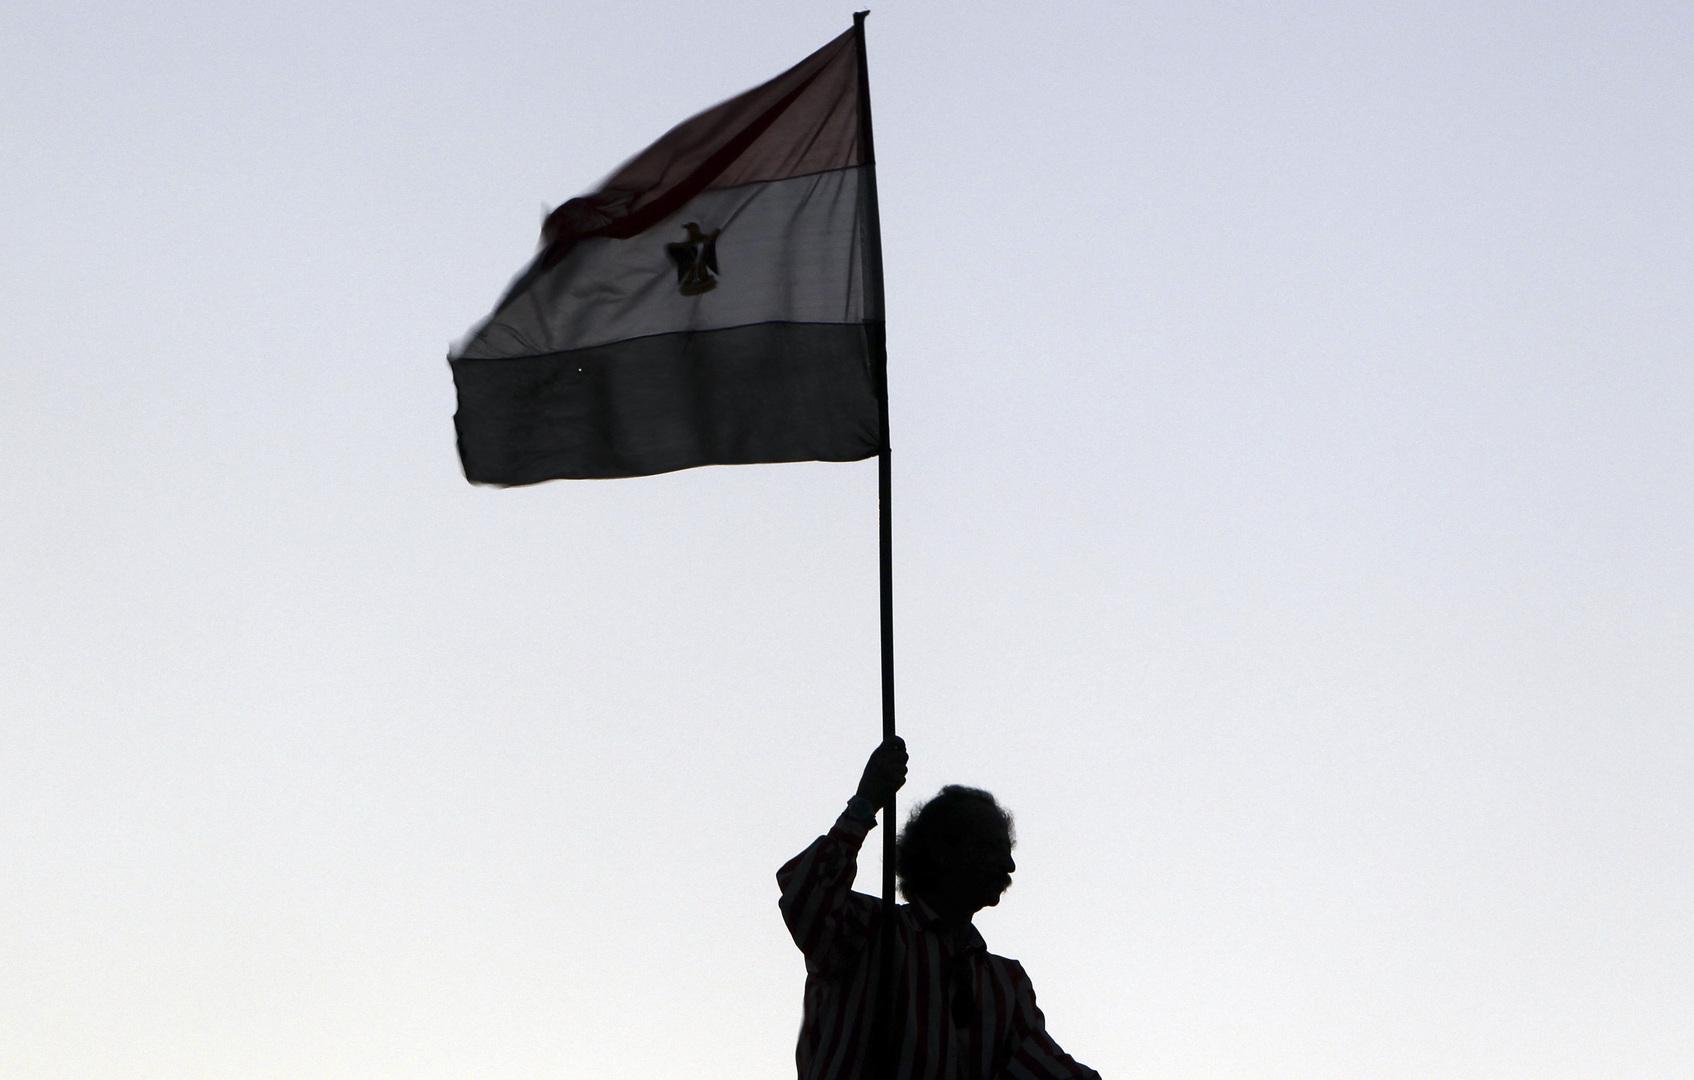 اقتراح بفرض حظر التجول في مصر